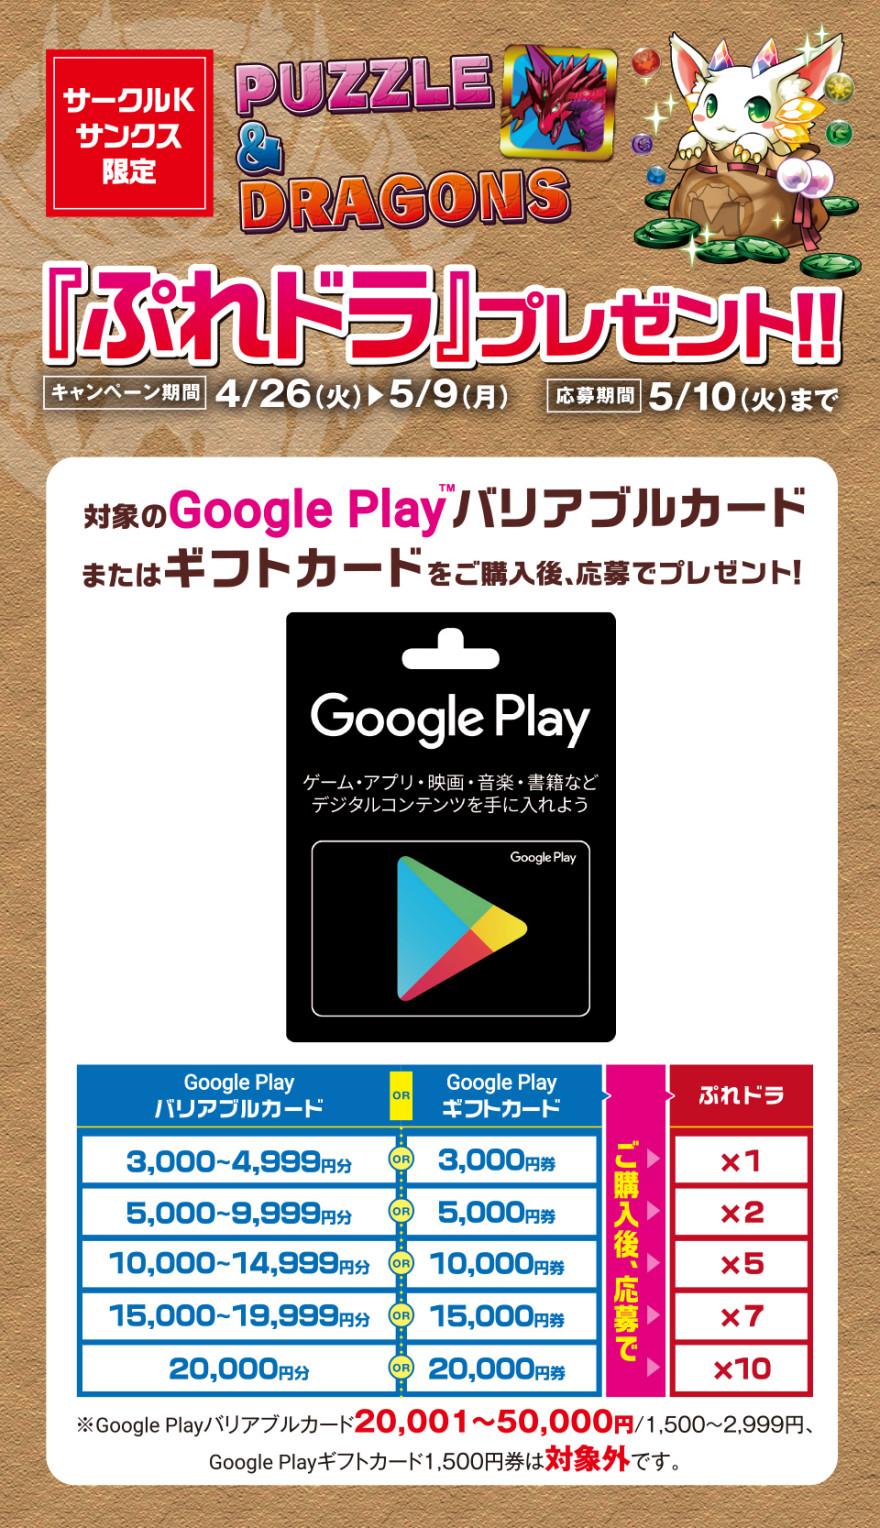 サークルK・サンクス限定 Google Play ギフトカード ぷれドラプレゼントキャンペーン!お知らせ